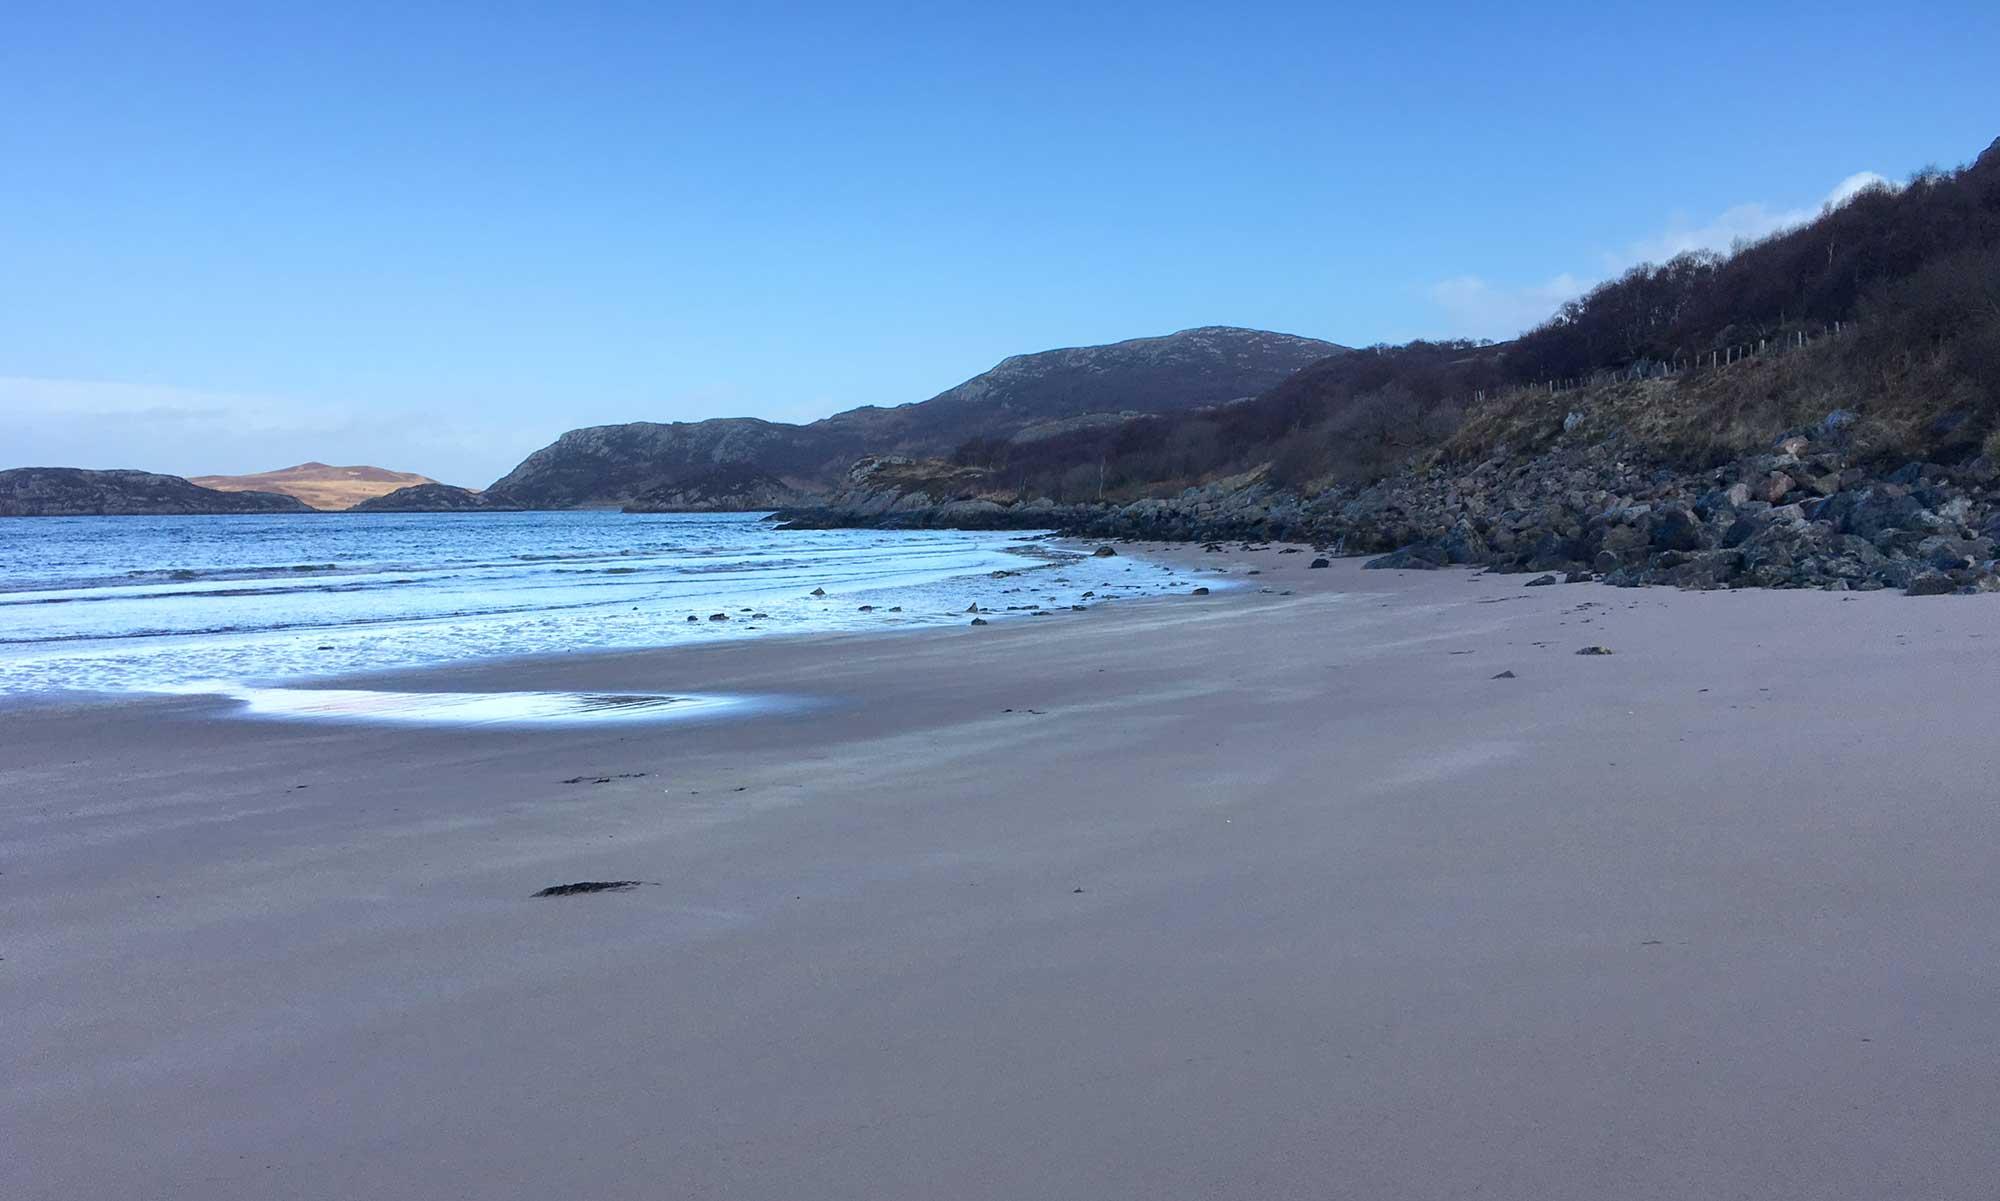 Gruinard Bay Beach